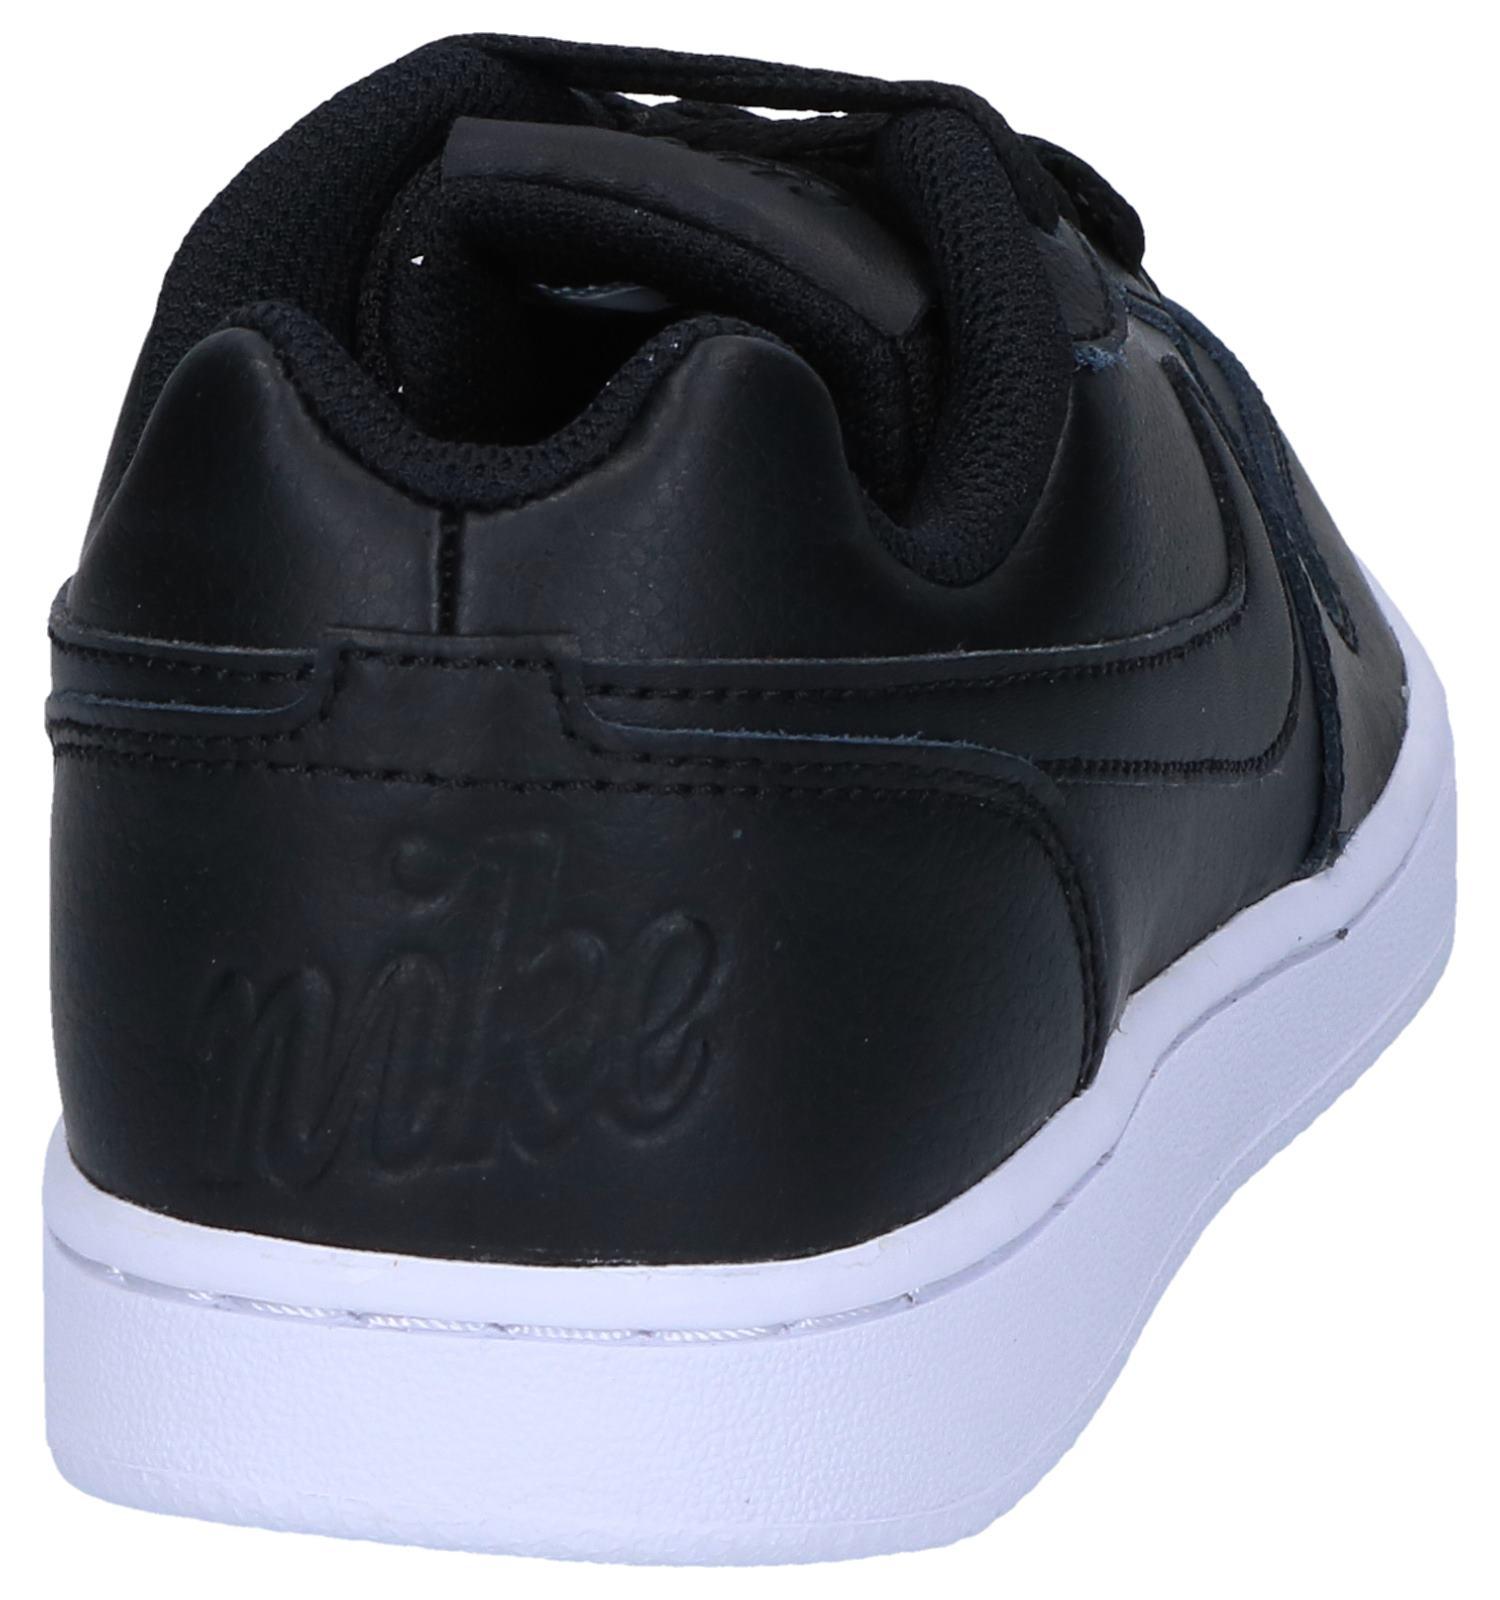 Sneakers Ebernon Zwarte Nike Nike Low Zwarte Sneakers DEIbe2WH9Y